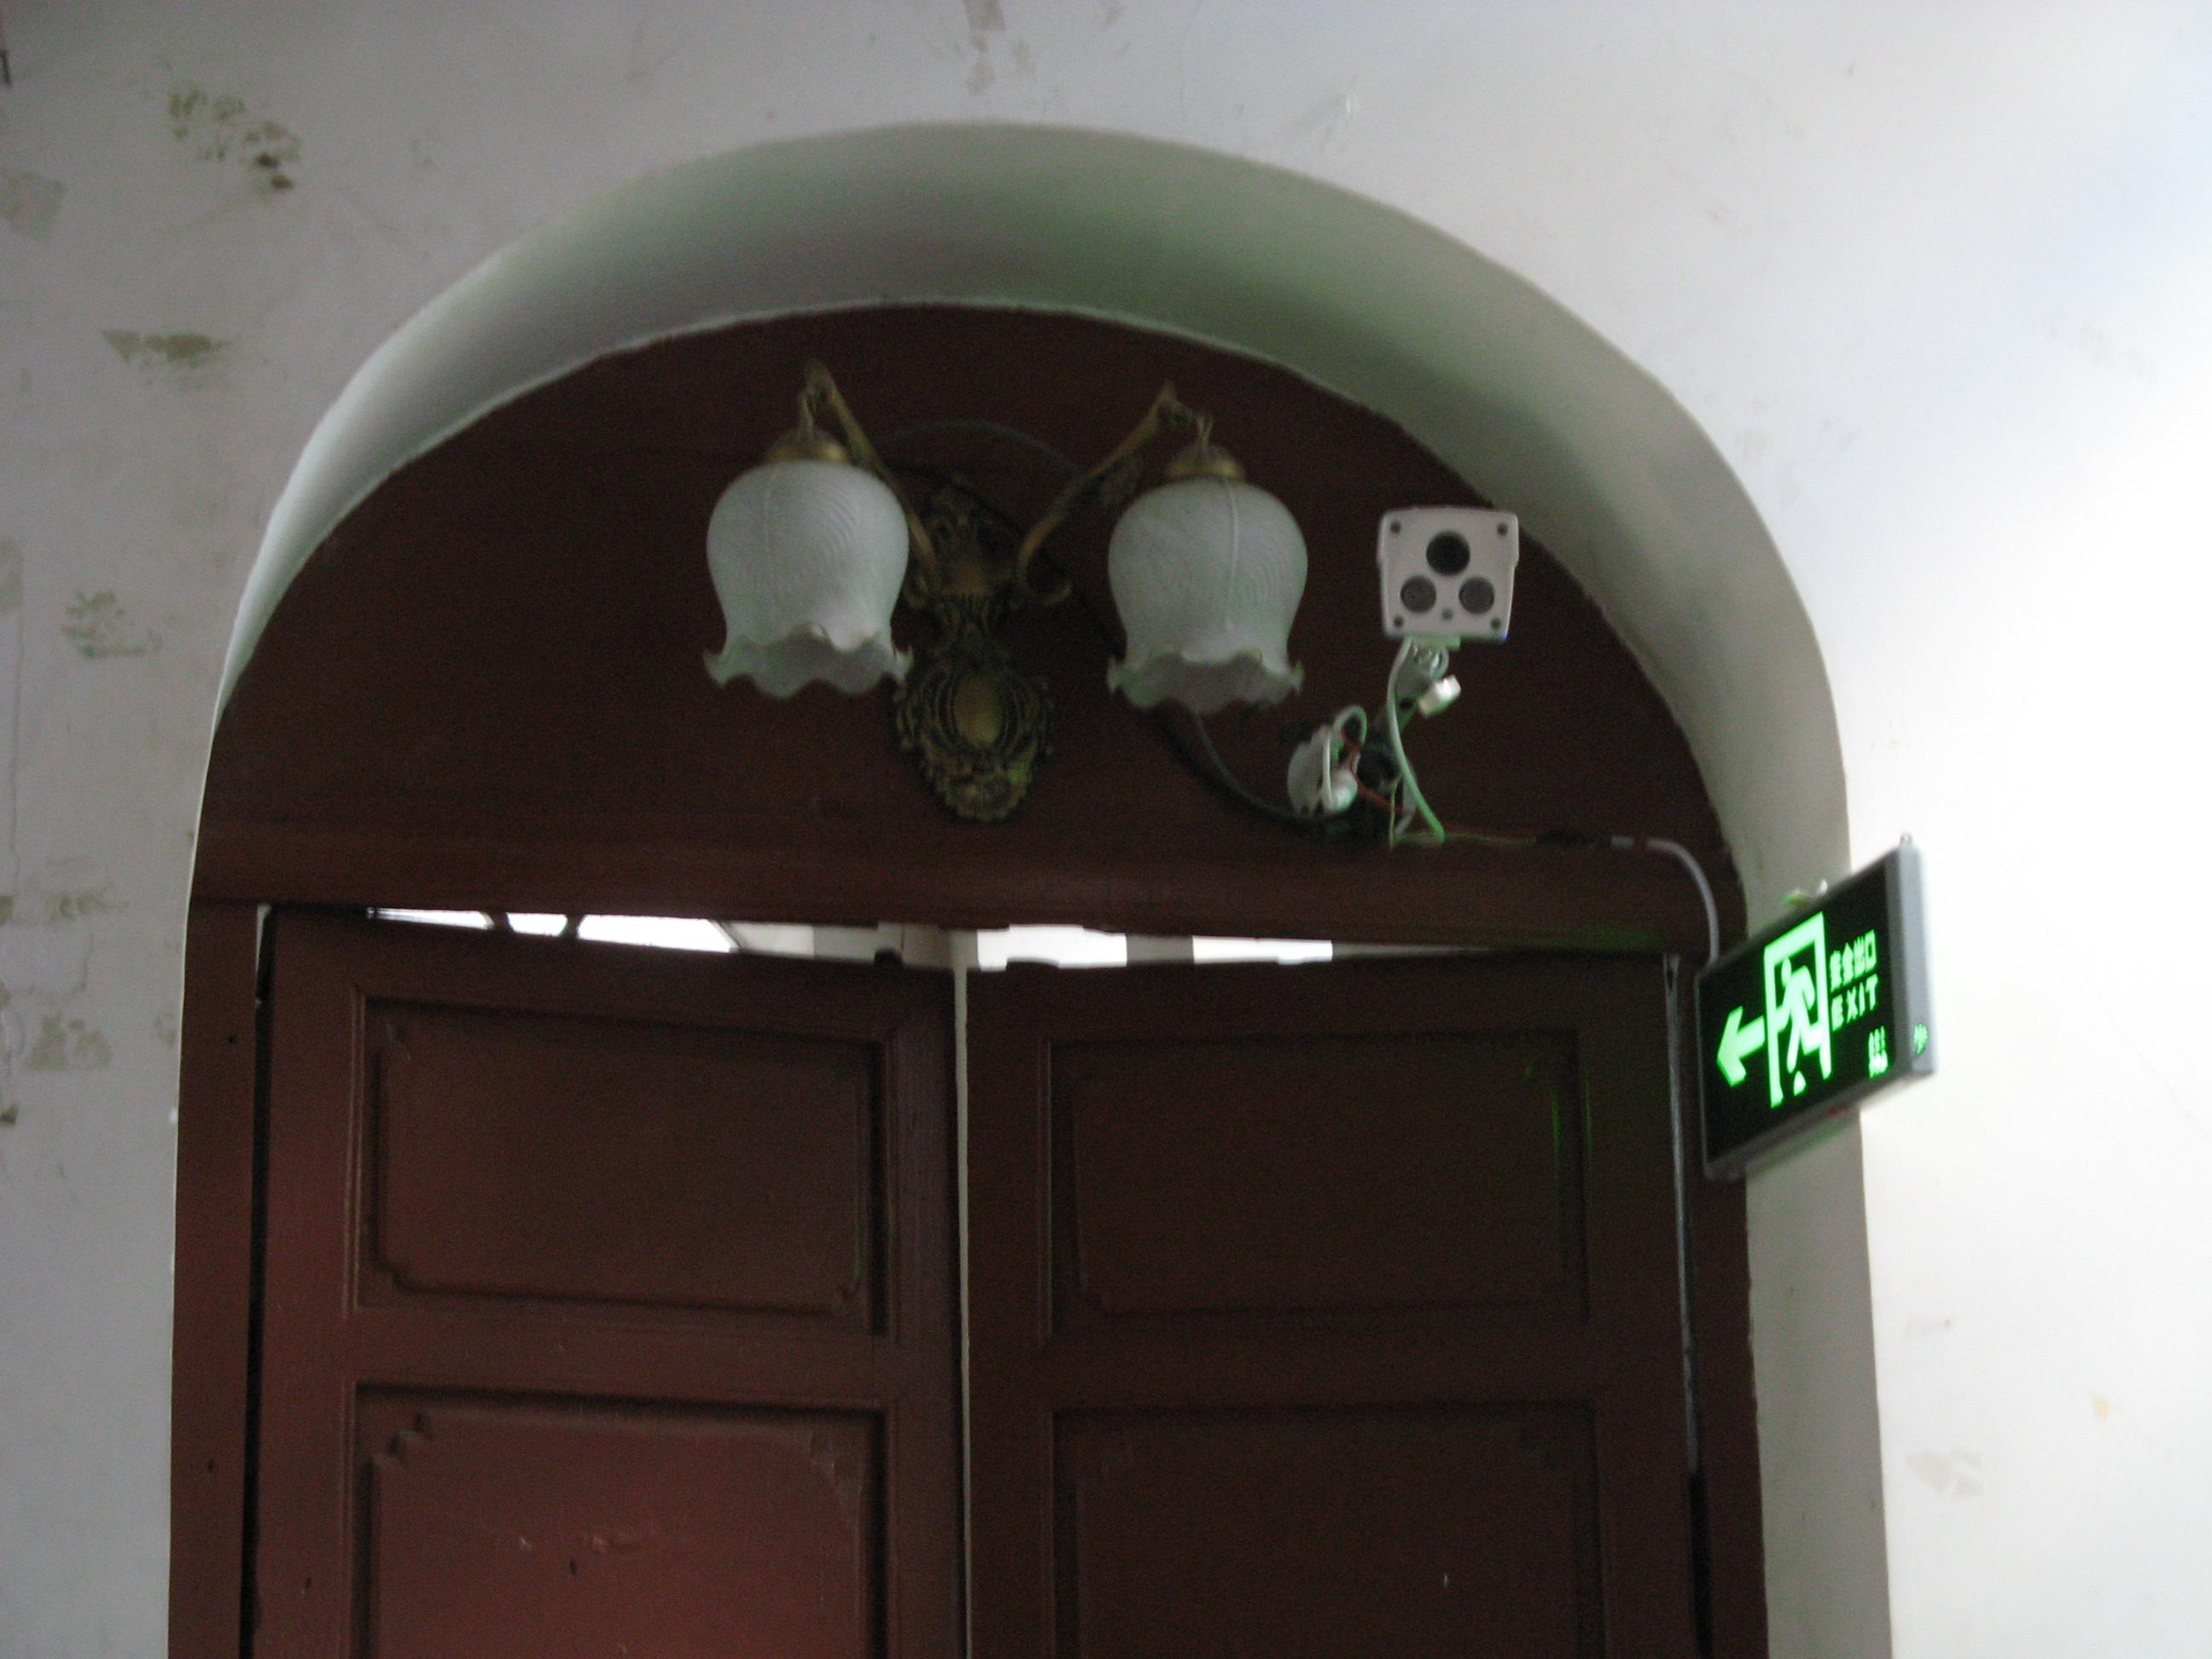 Diese Kamera überwacht die Besucher einer Kirche